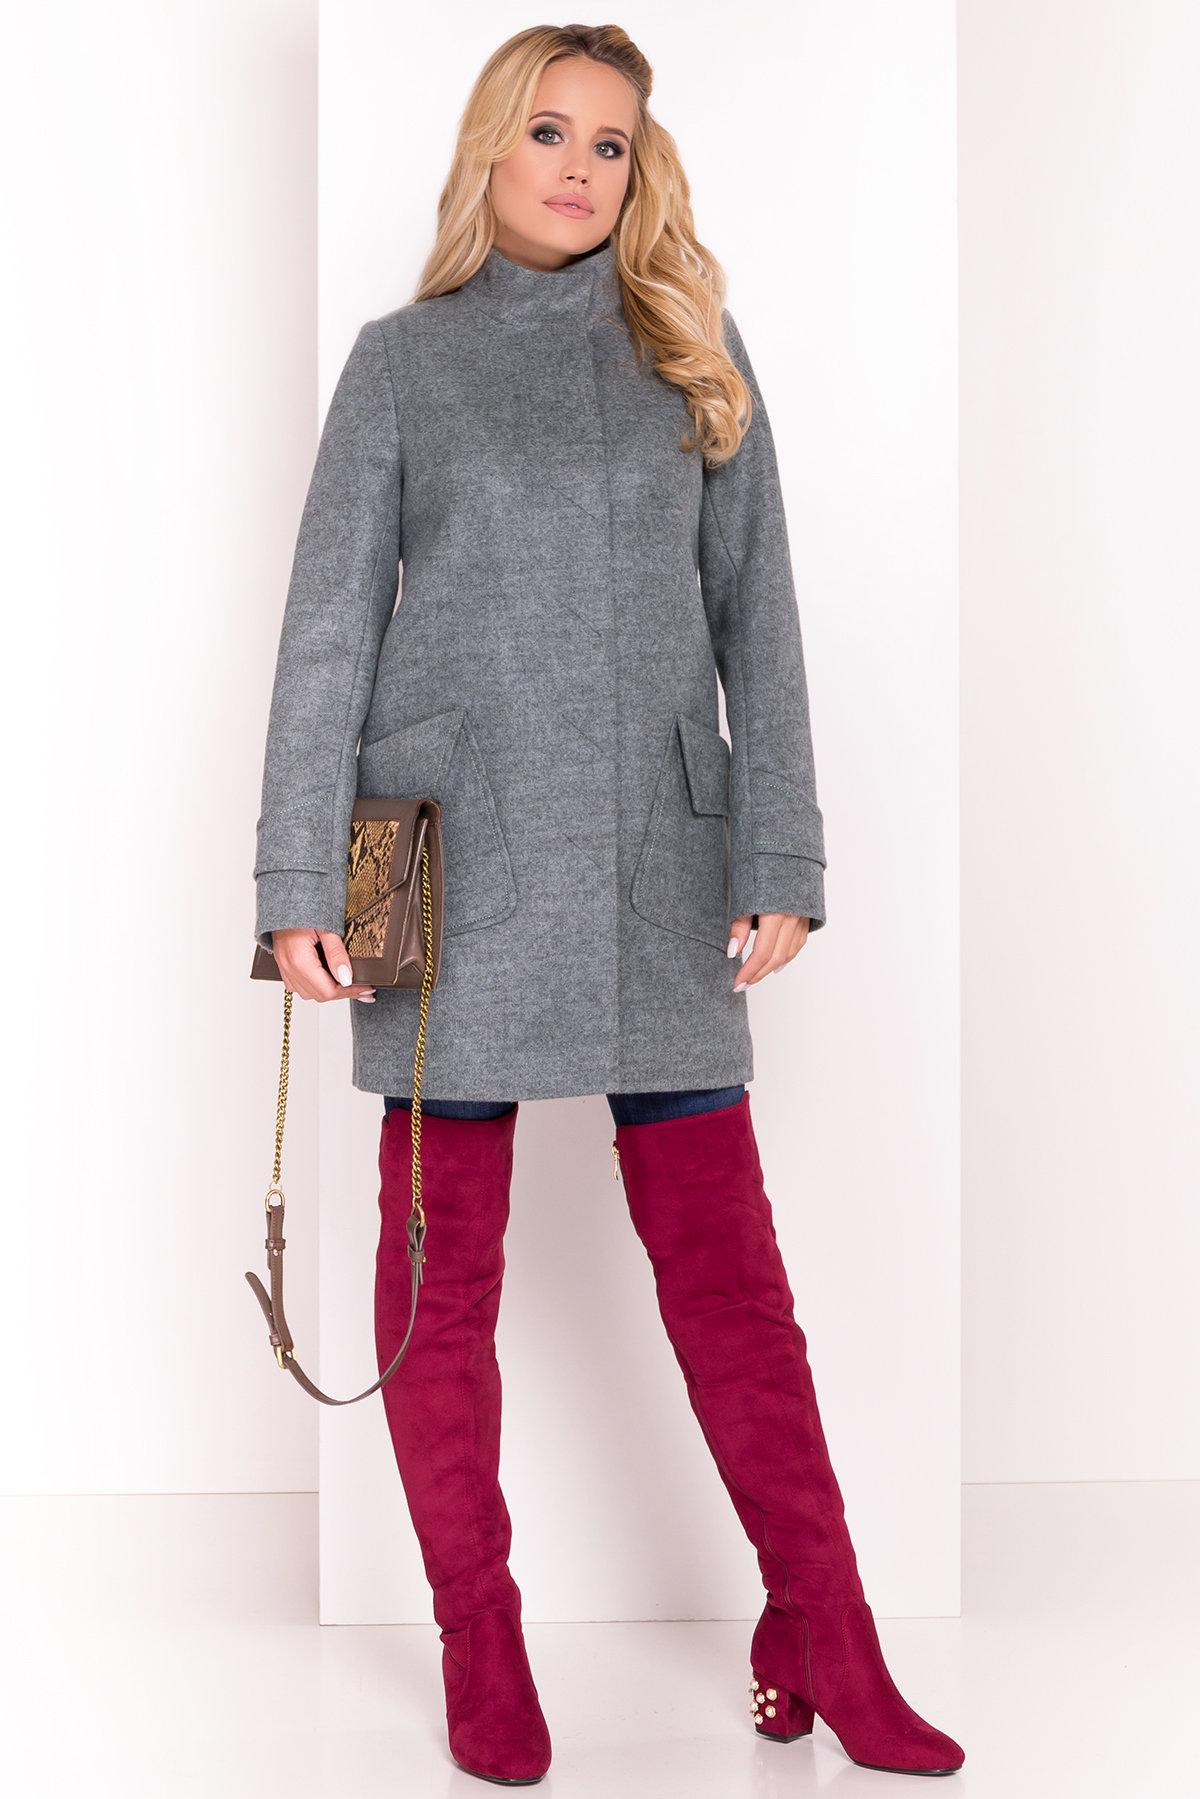 Купить пальто украинского производителя Modus Демисезонное пальто с воротником стойка Эста 5417